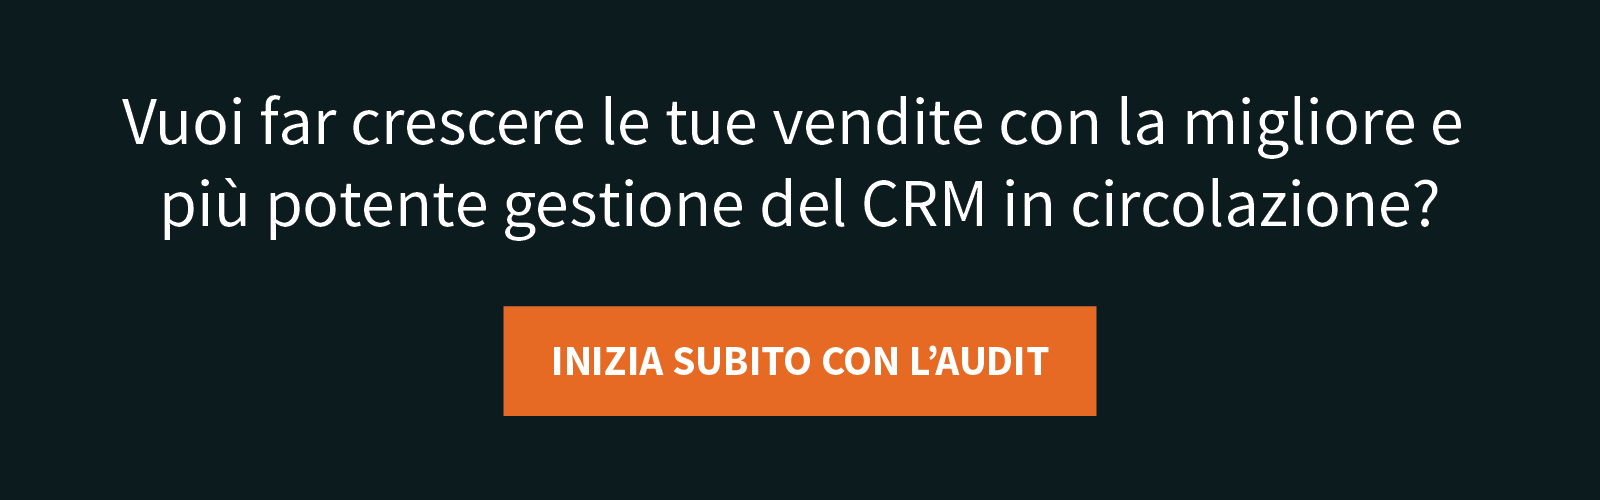 Strategia di gestione CRM performance